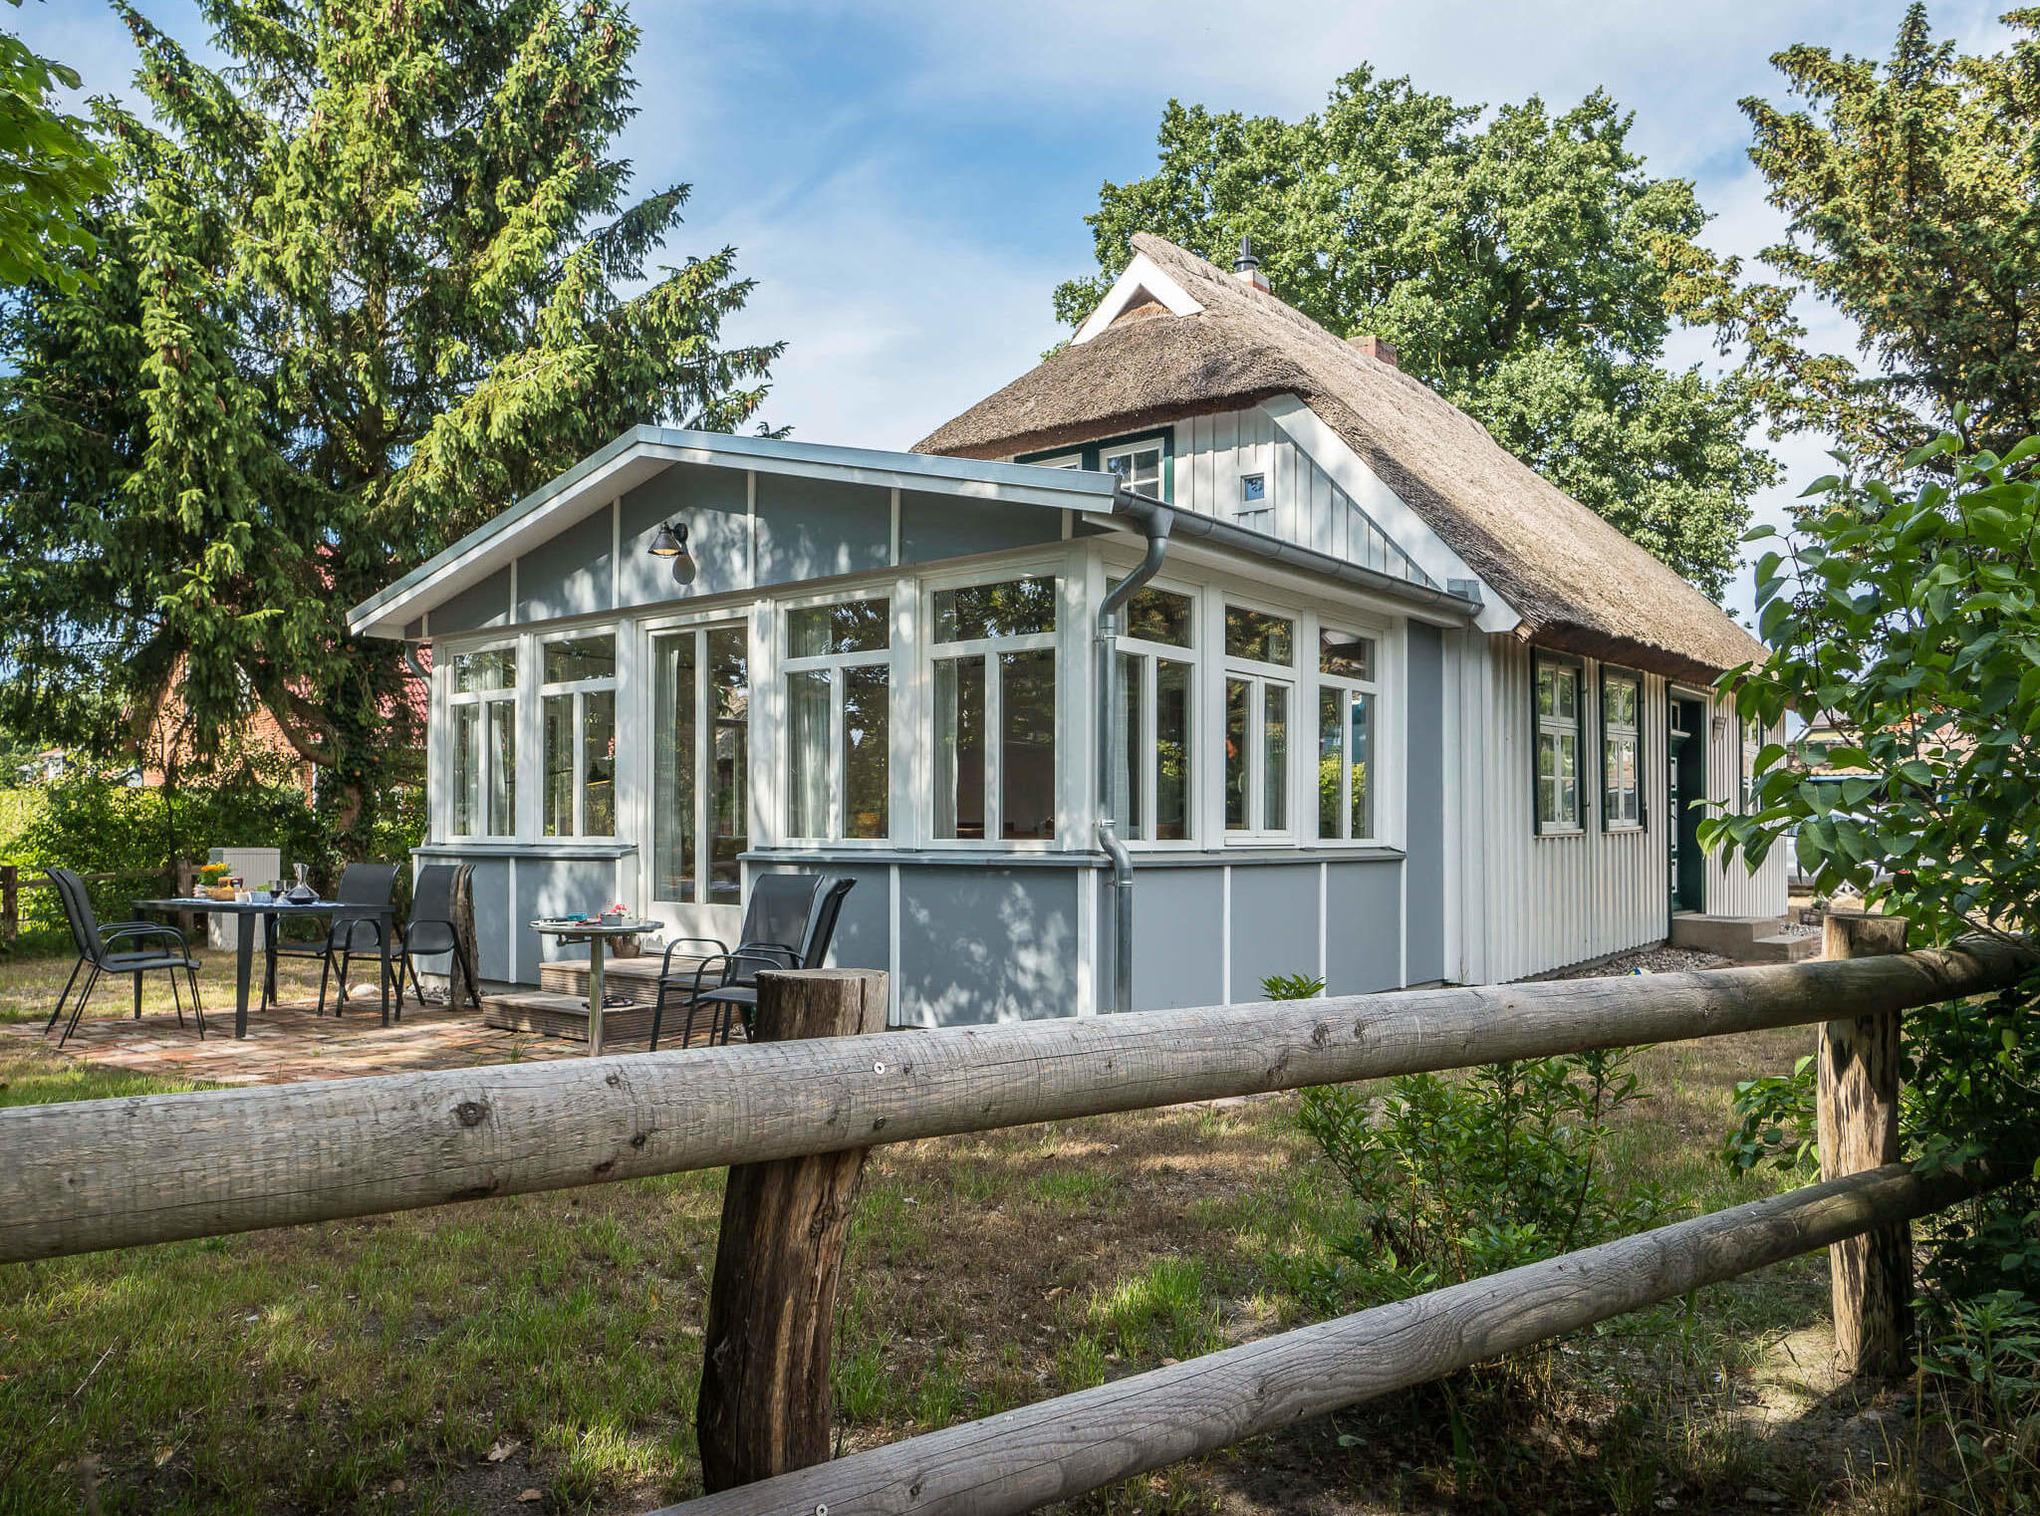 Ferienhaus Schifferhaus Ferienhaus  Fischland Darß Zingst